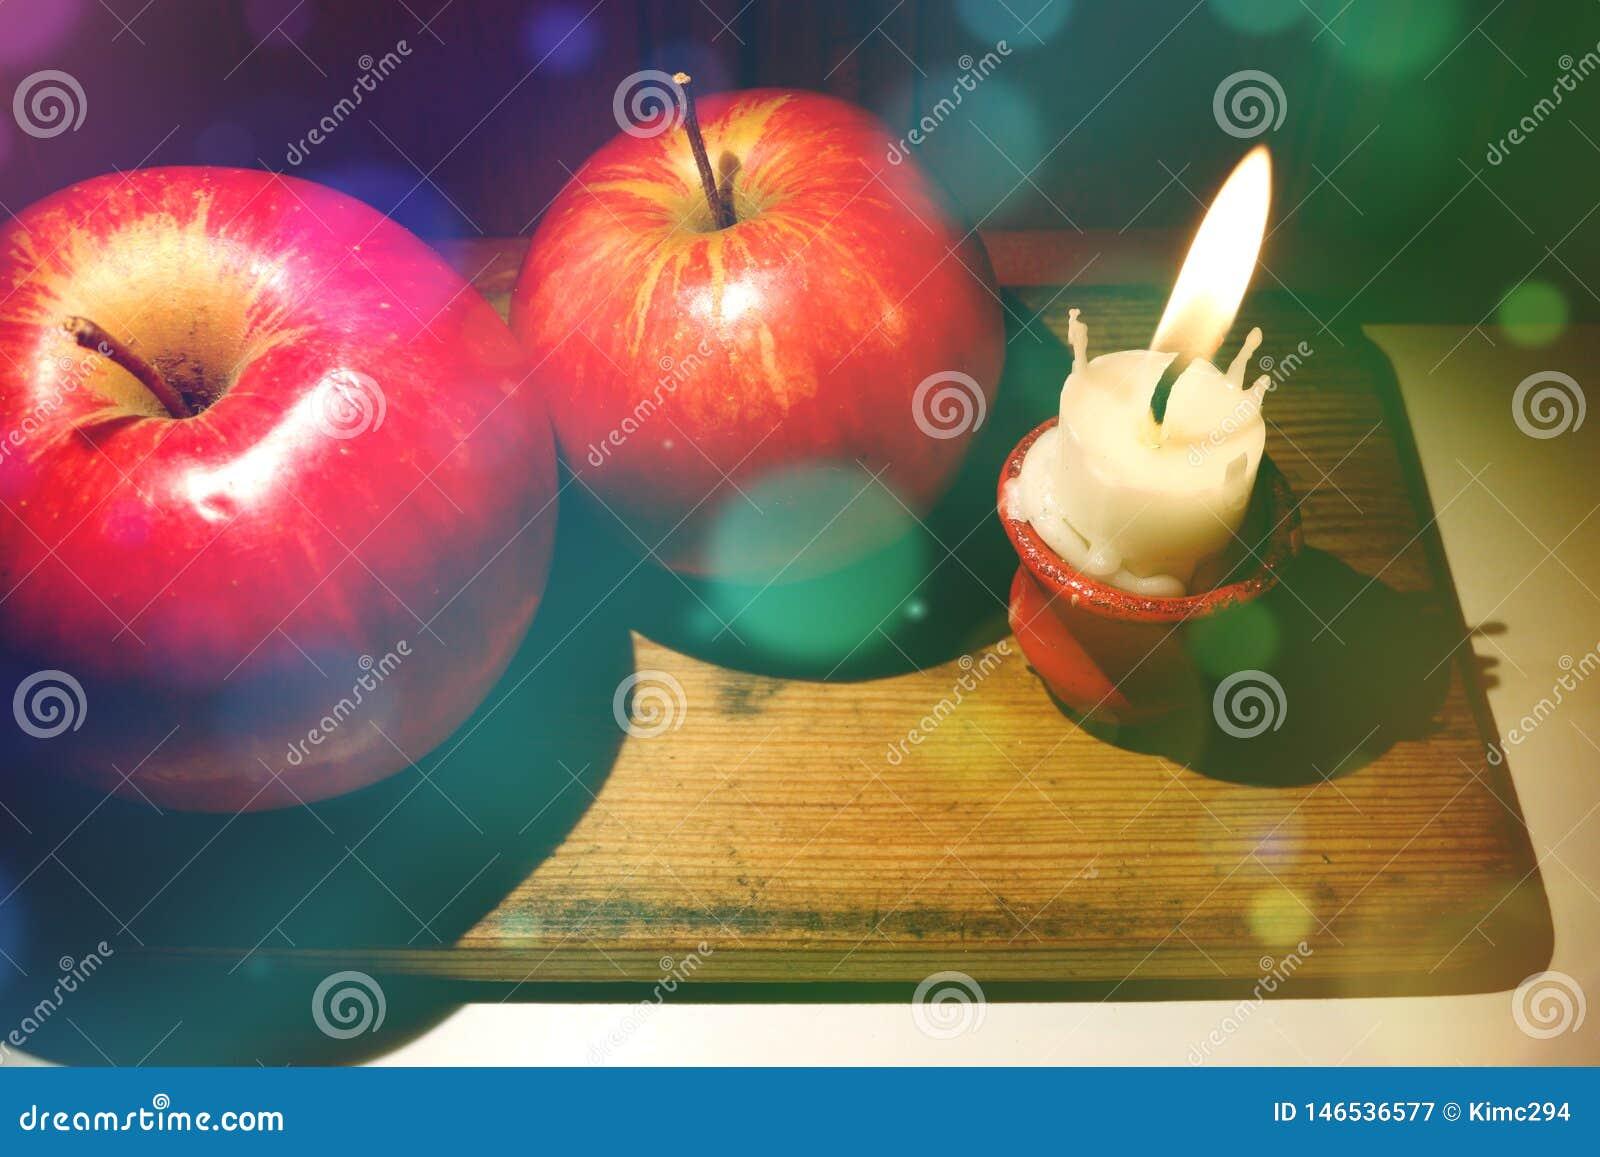 Σύνθεση Χριστουγέννων με τα κόκκινα μήλα και μικροσκοπικός που καίγεται κάτω από το κερί